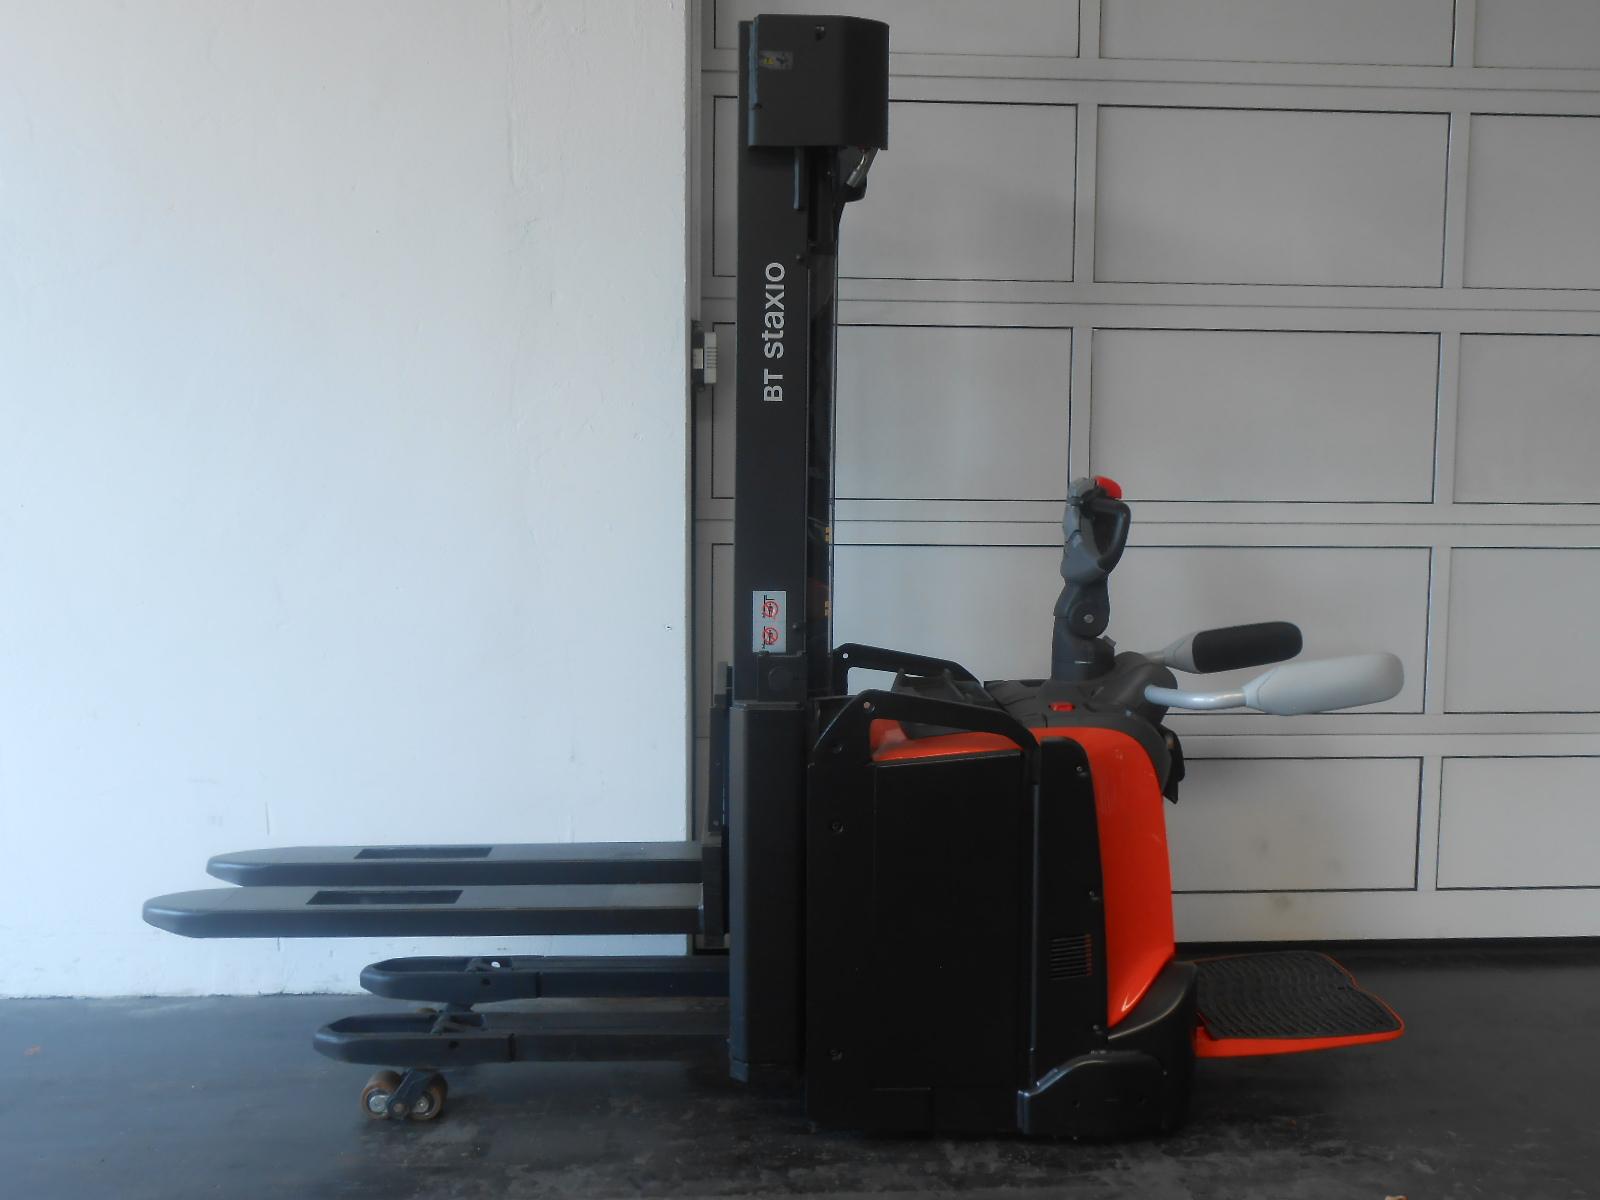 Toyota-Gabelstapler-59840 1807019104 1 83